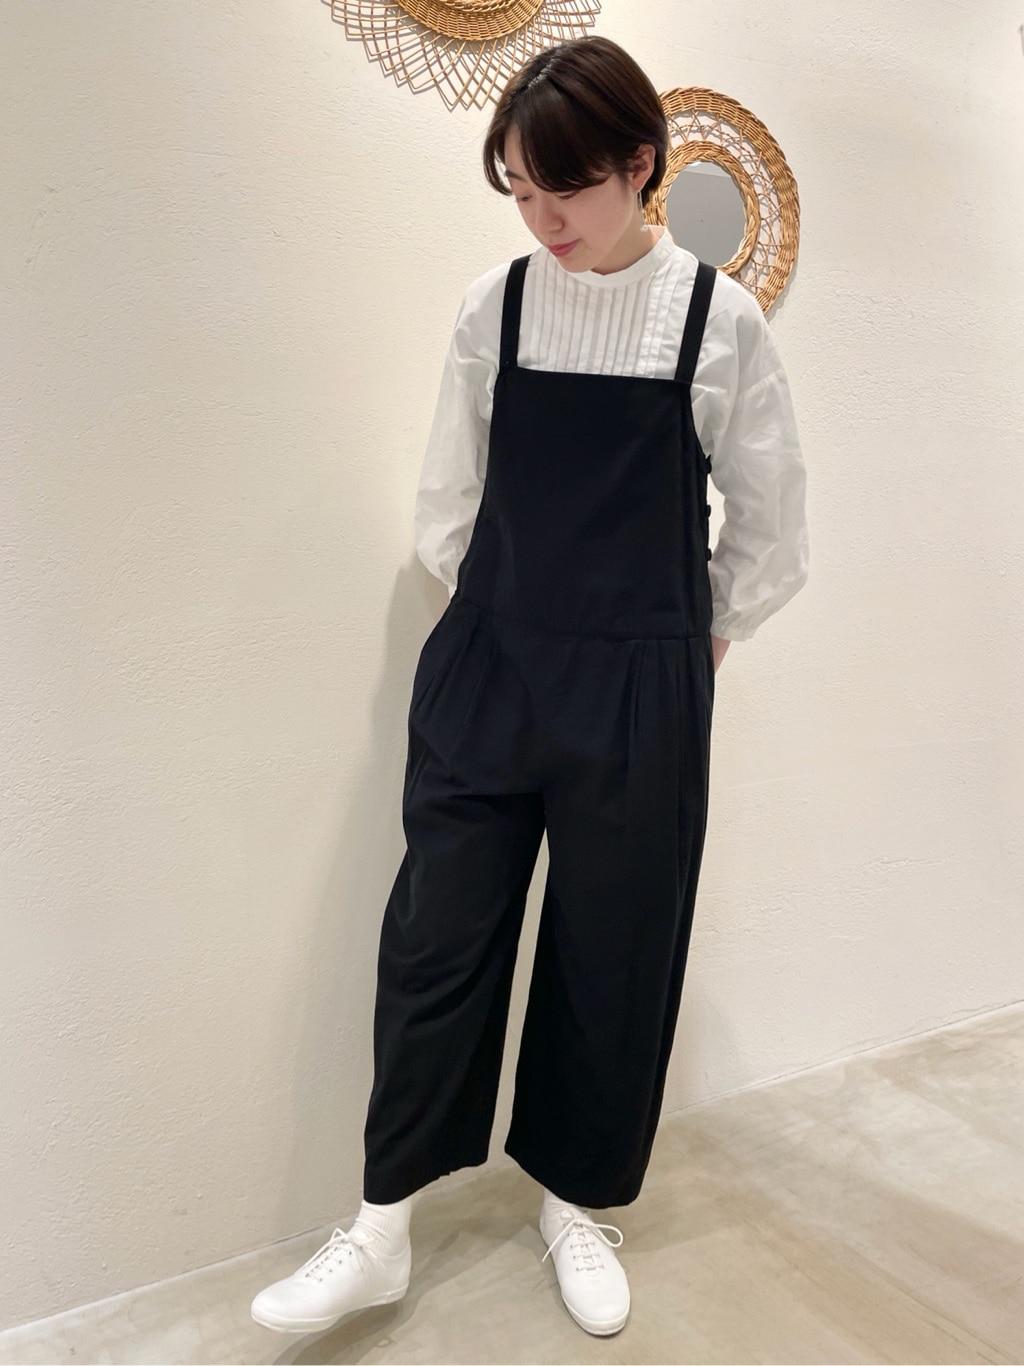 yuni ニュウマン横浜 身長:166cm 2021.03.15